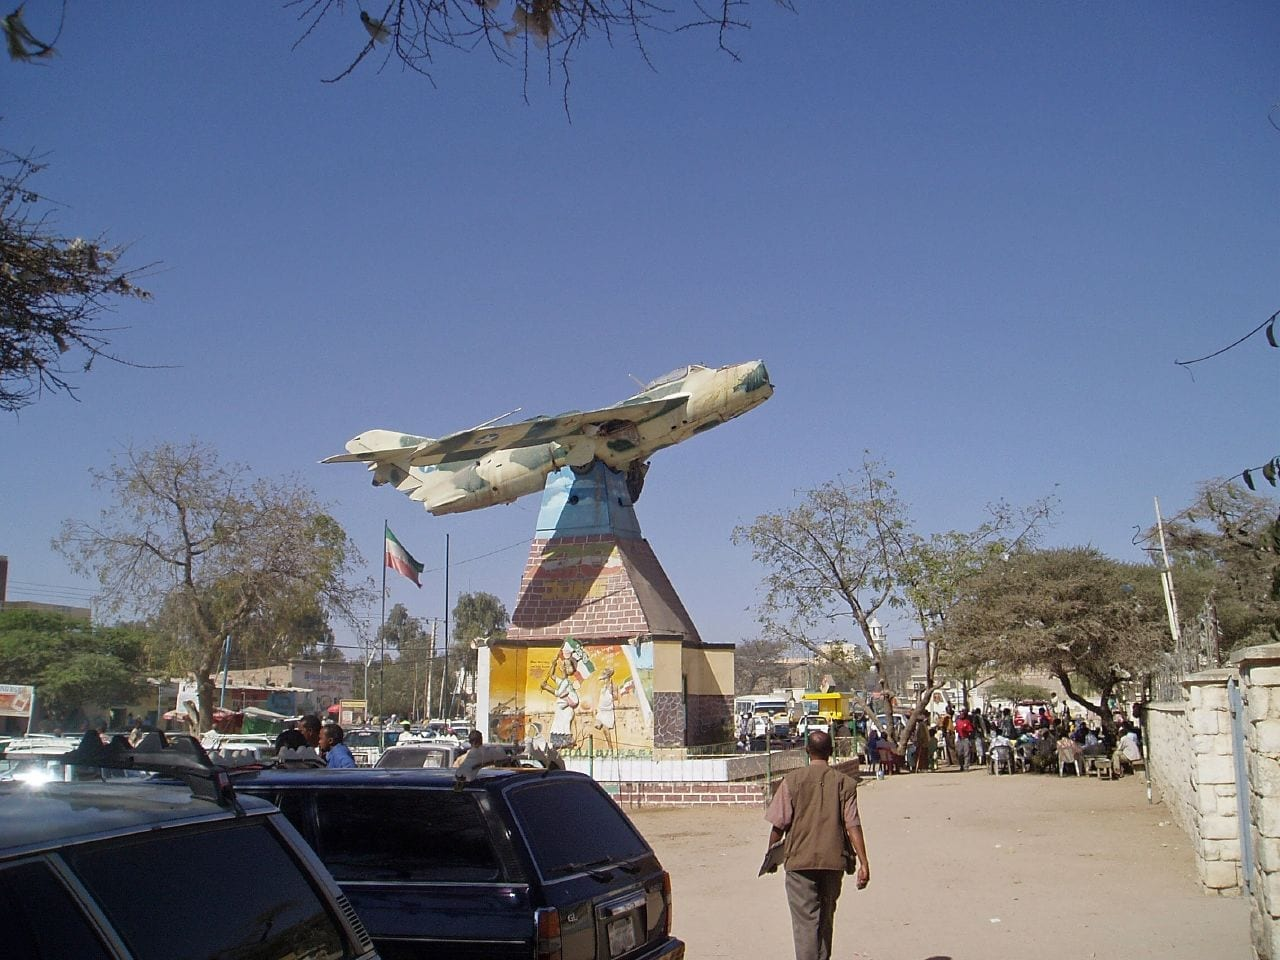 El memorial del MiG Jet Hargeisa Somalia